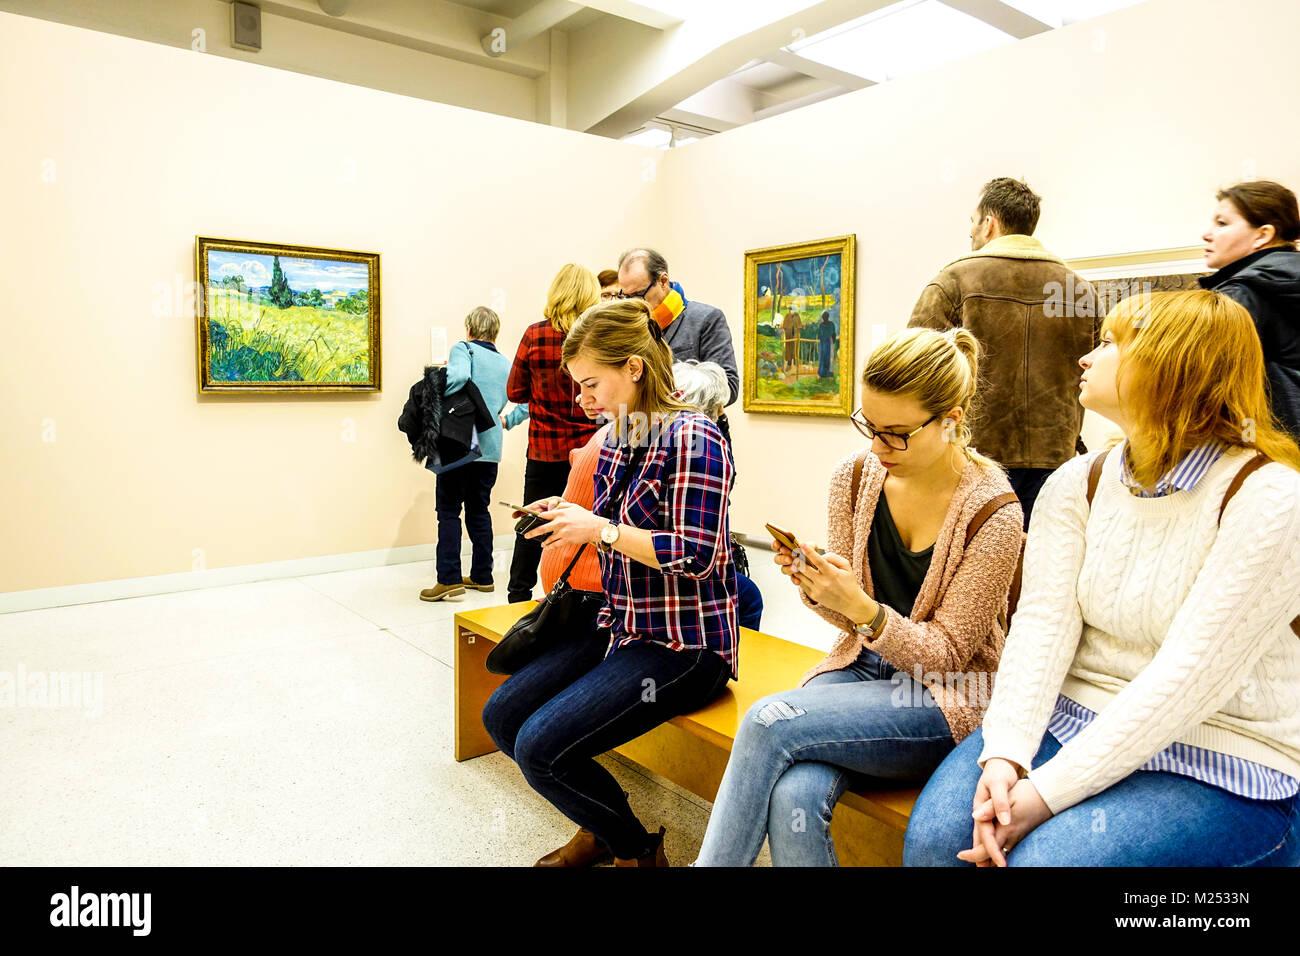 Menschen im Museum Moderne Kunst Prager Nationalgalerie Vincent van Gogh Gemälde Tschechische Republik Stockfoto